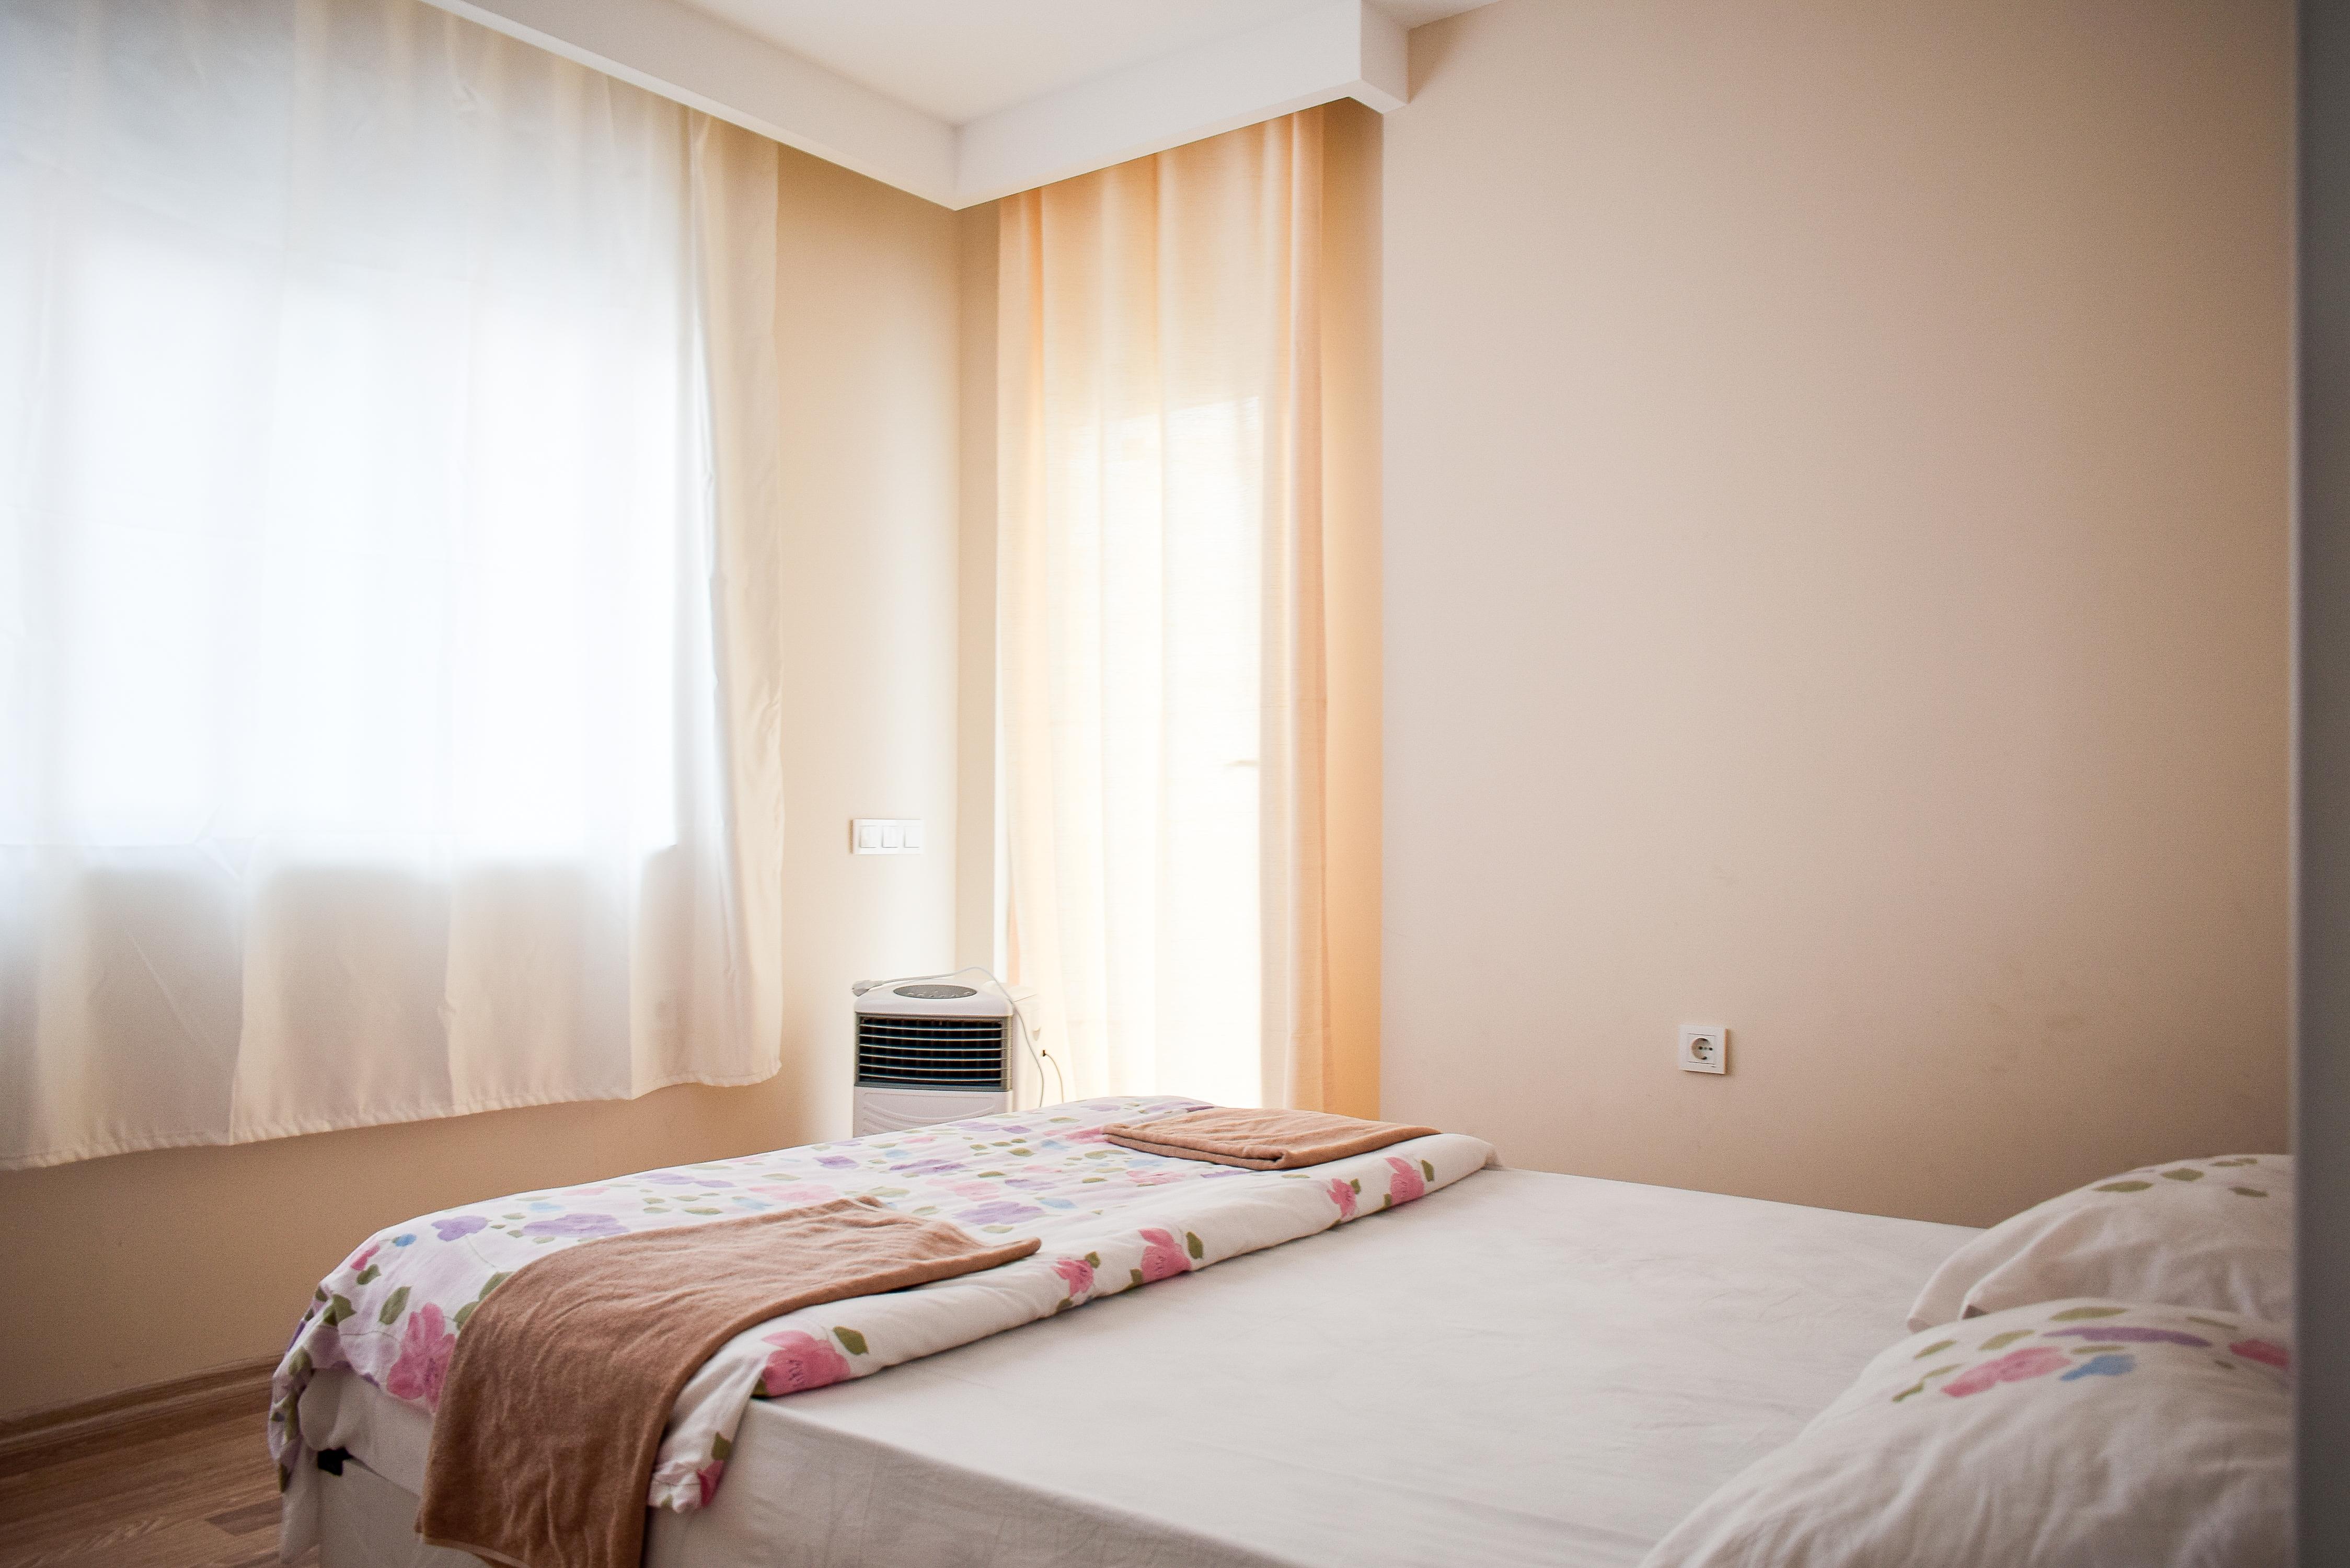 Ferienwohnung Gerumige 2 Schlafzimmer fr 5 Personen mit Blick auf die Berge Gratis Wifi (2782160), Çakirlar, , Mittelmeerregion, Türkei, Bild 12